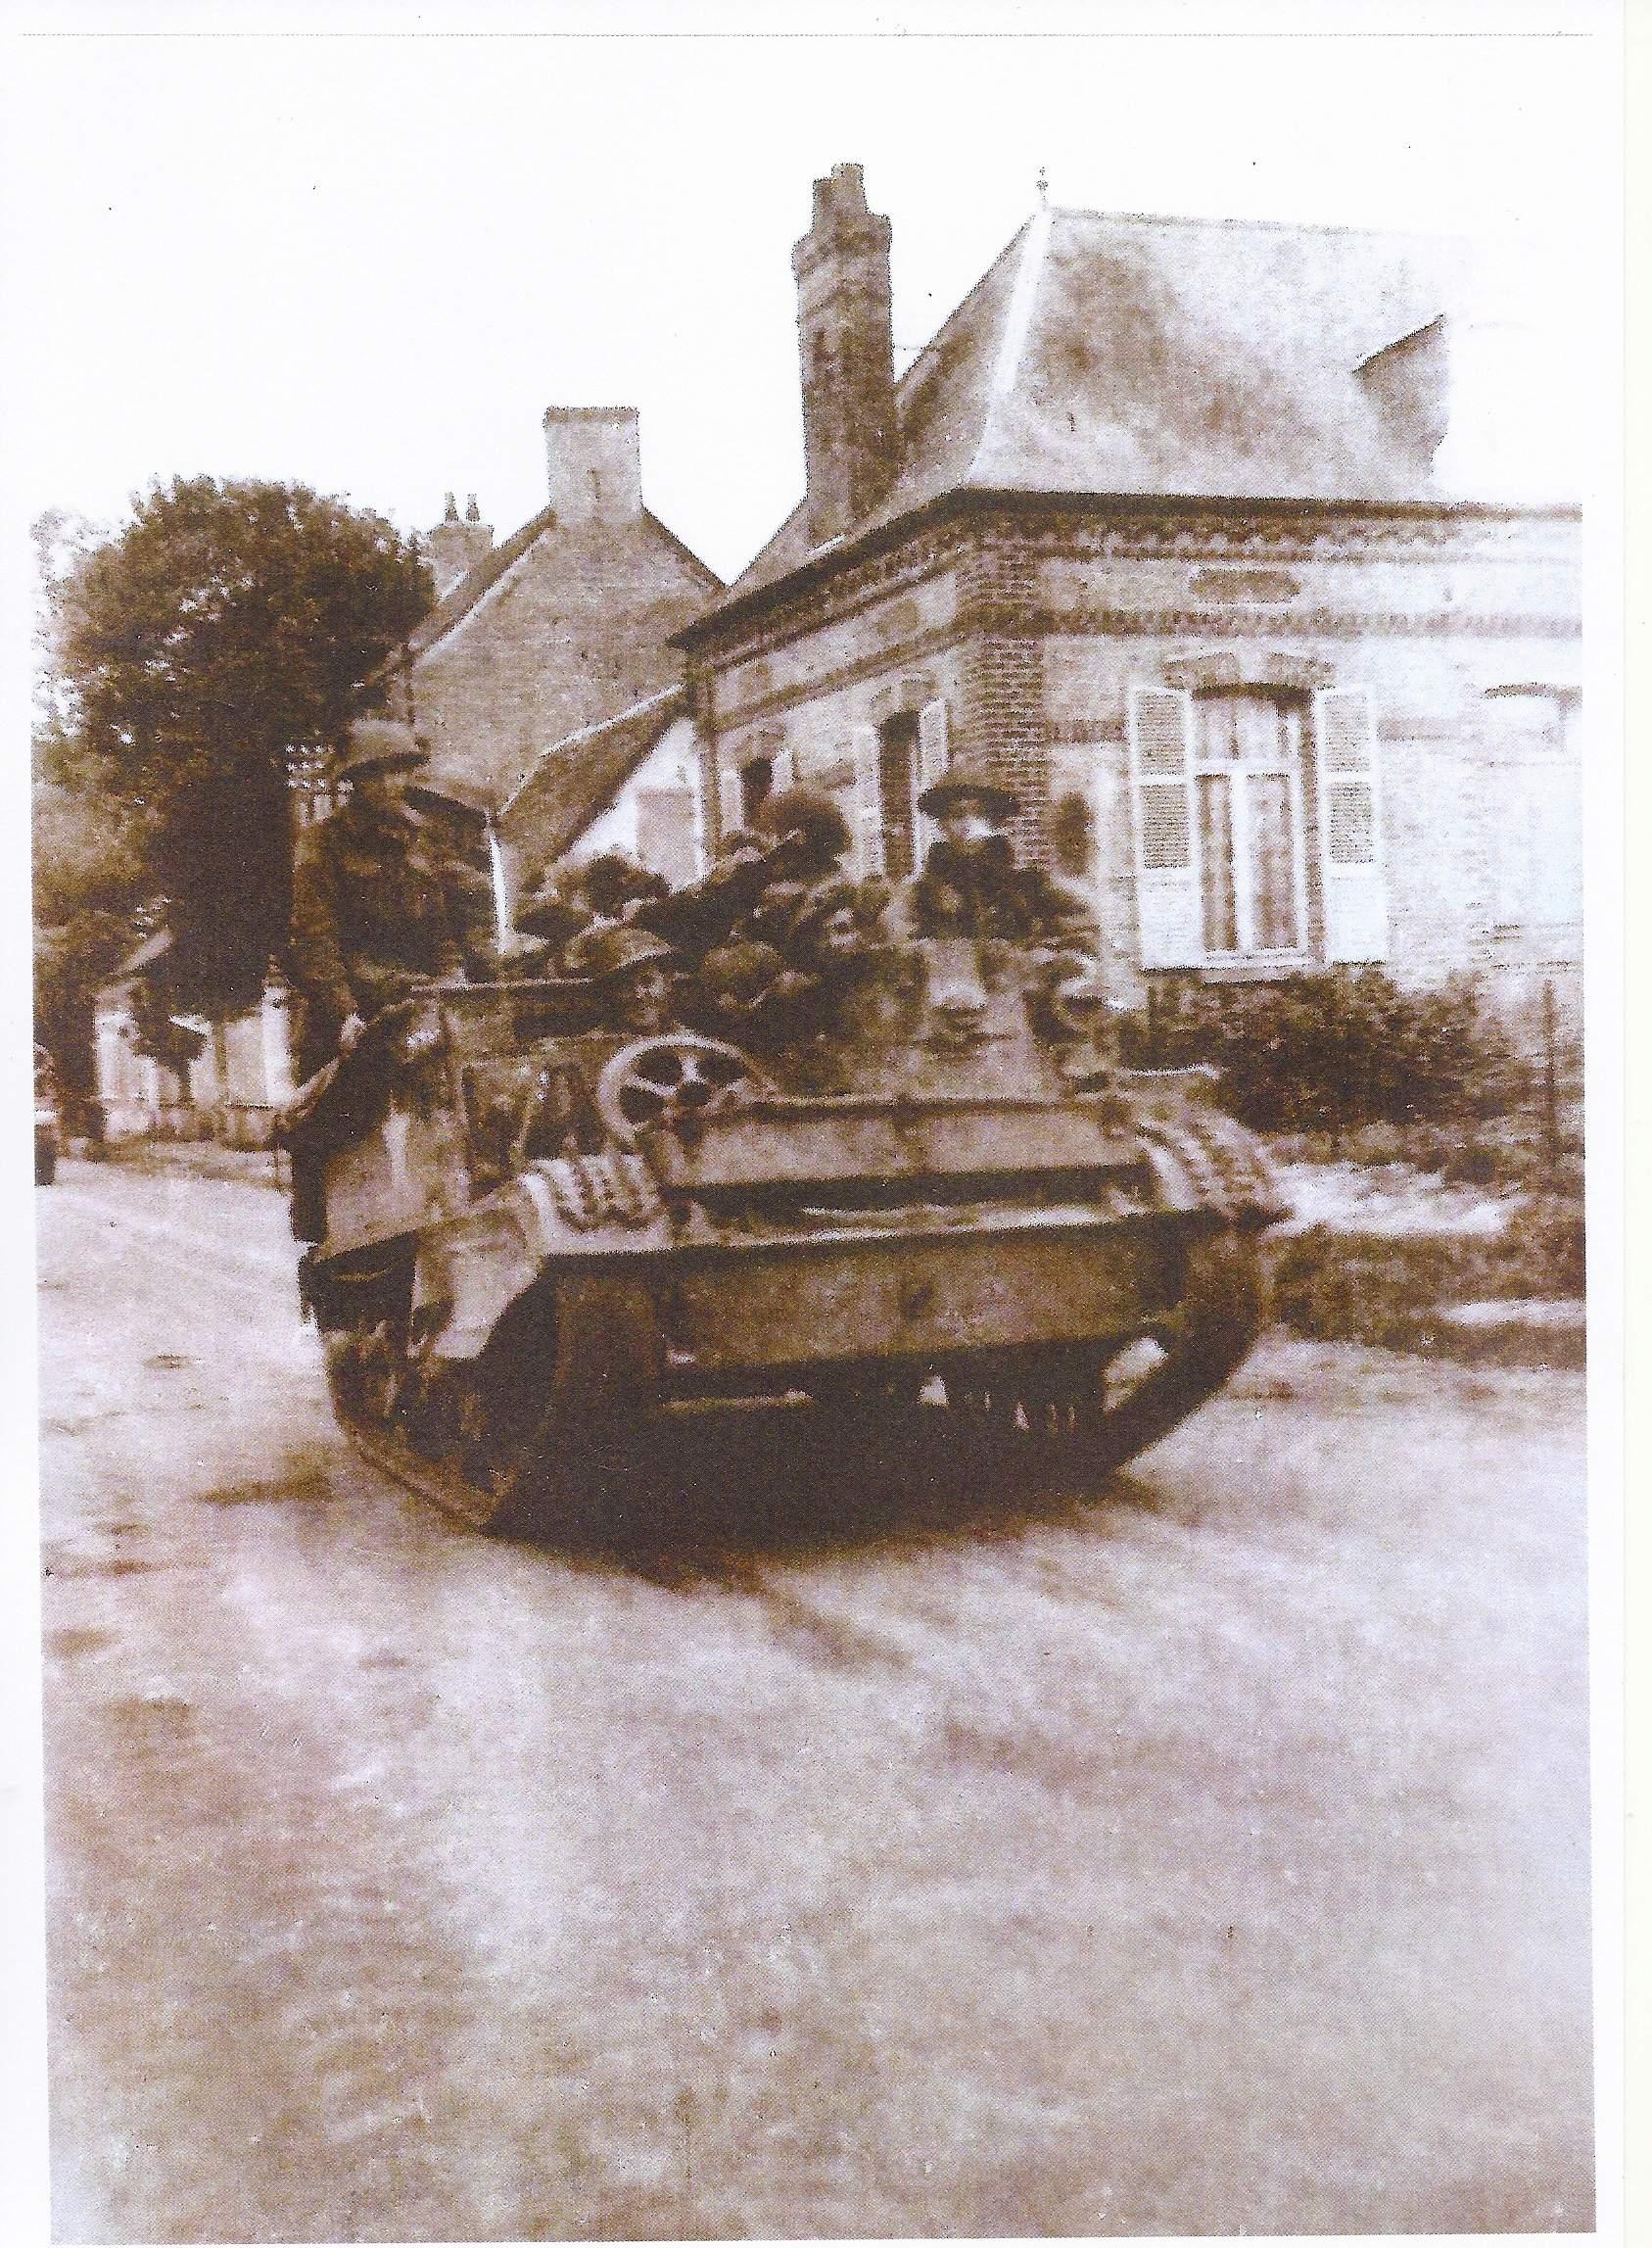 75ème anniversaire de la libération de la ville d'Abbeville Somme Canadi10